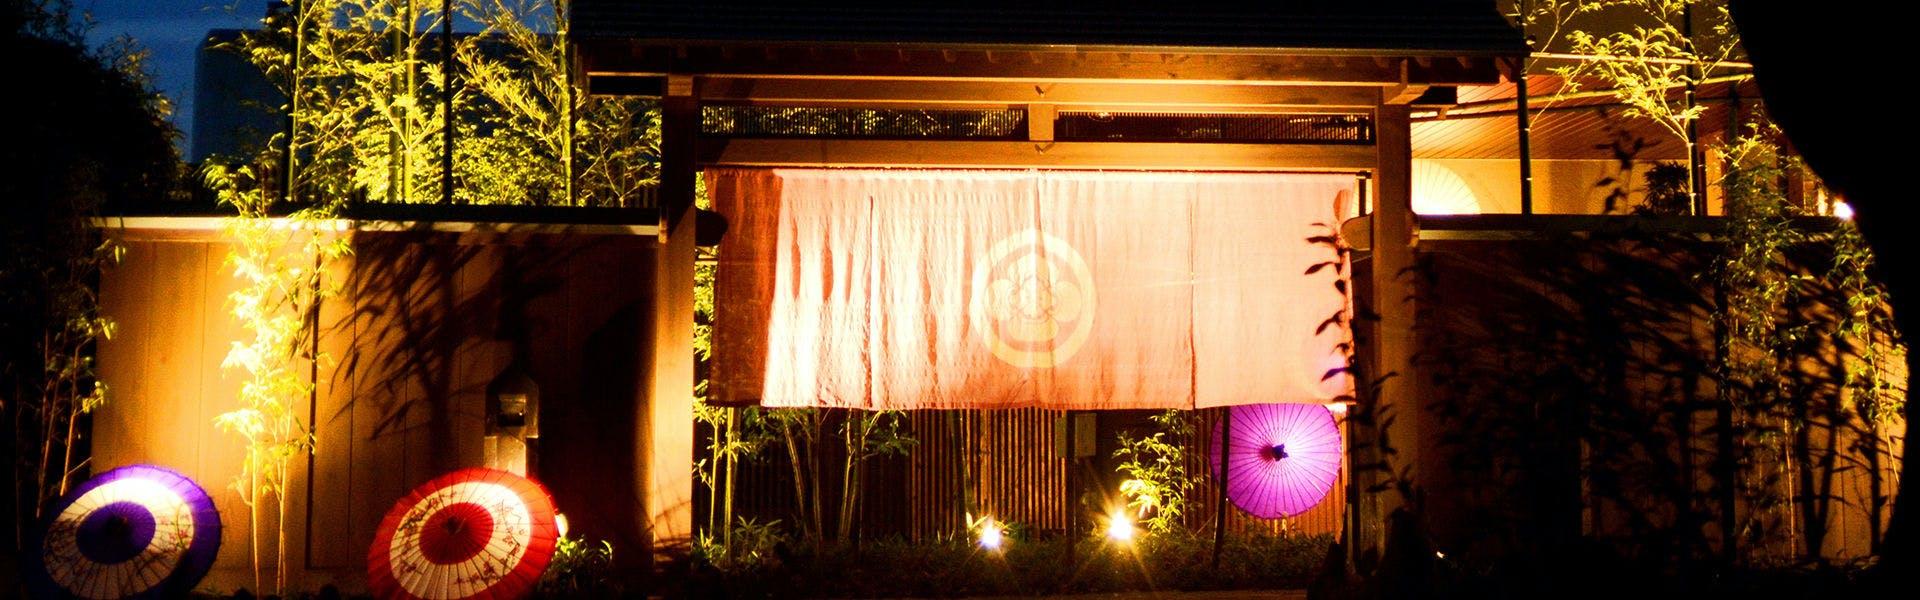 記念日におすすめのホテル・【里山の隠れ宿 花富亭 -かふうてい-】の写真1